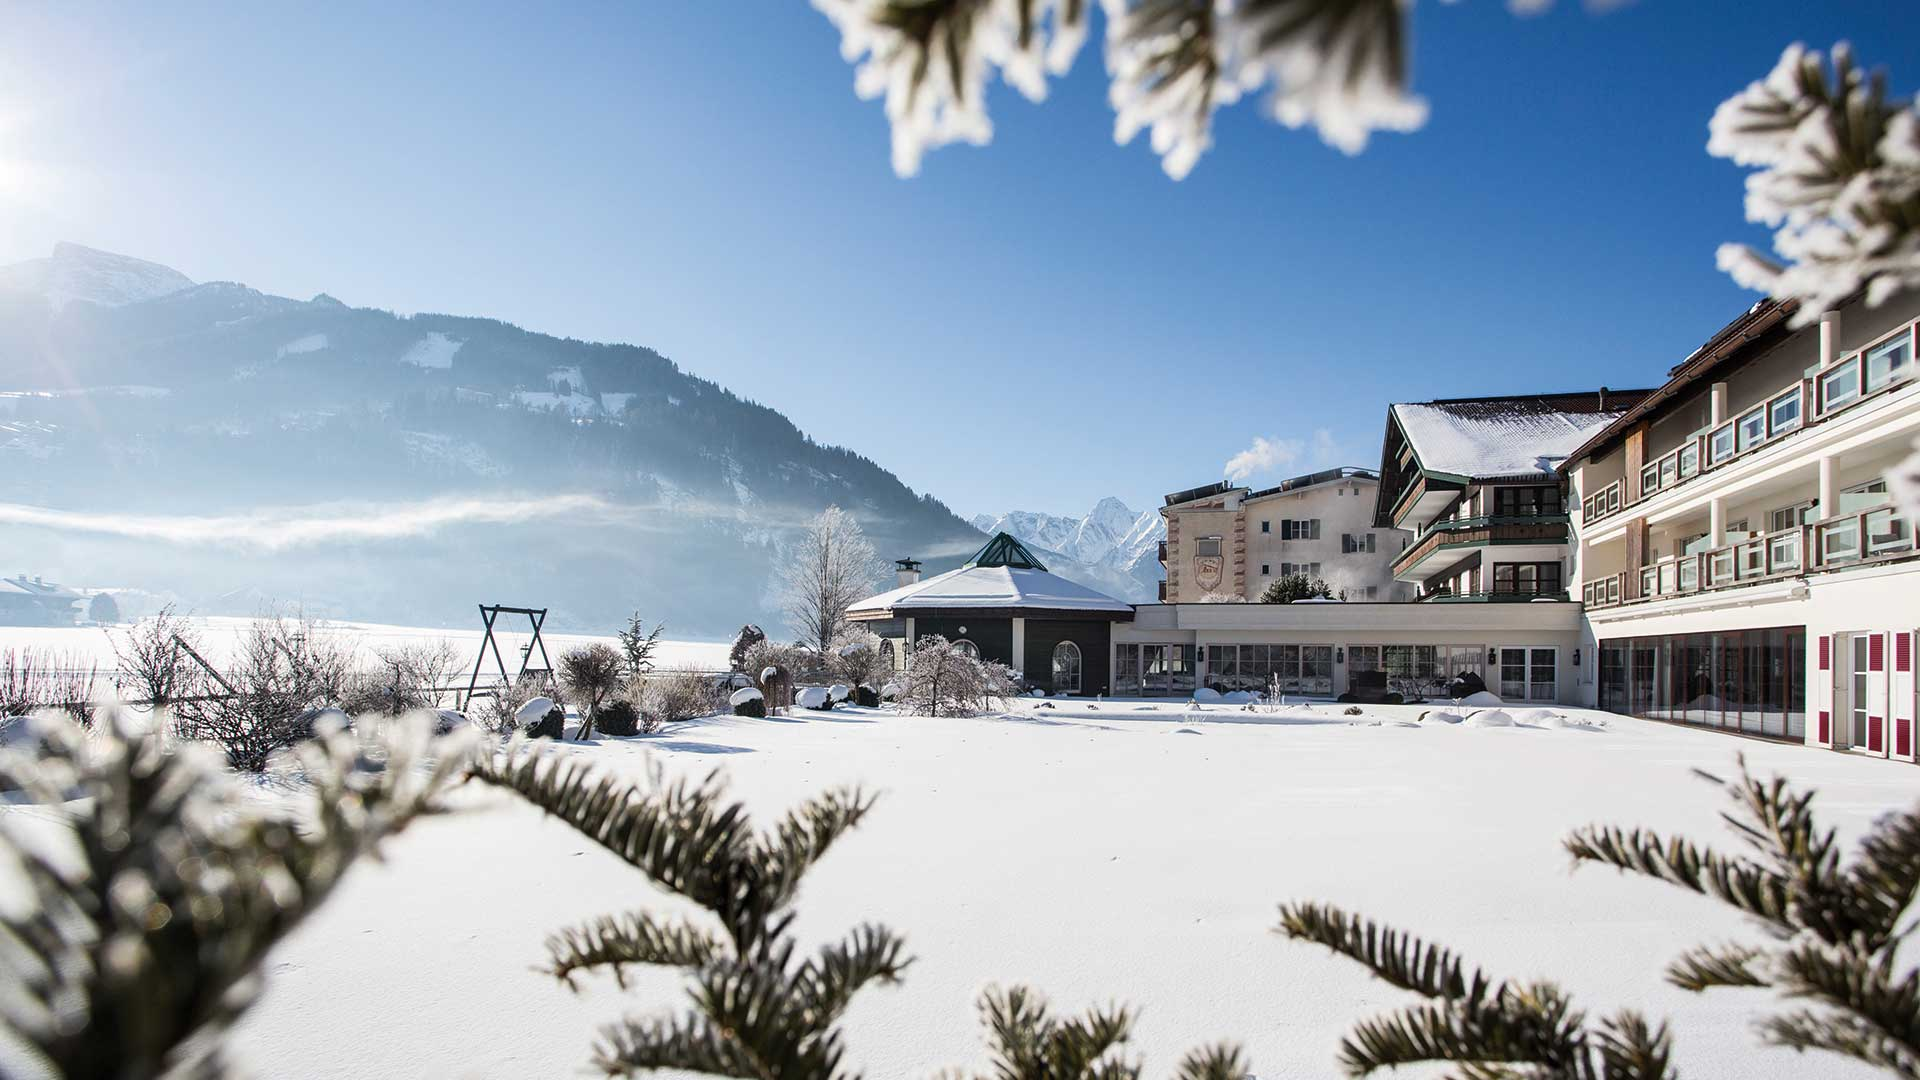 Winterurlaub im Hotel Theresa